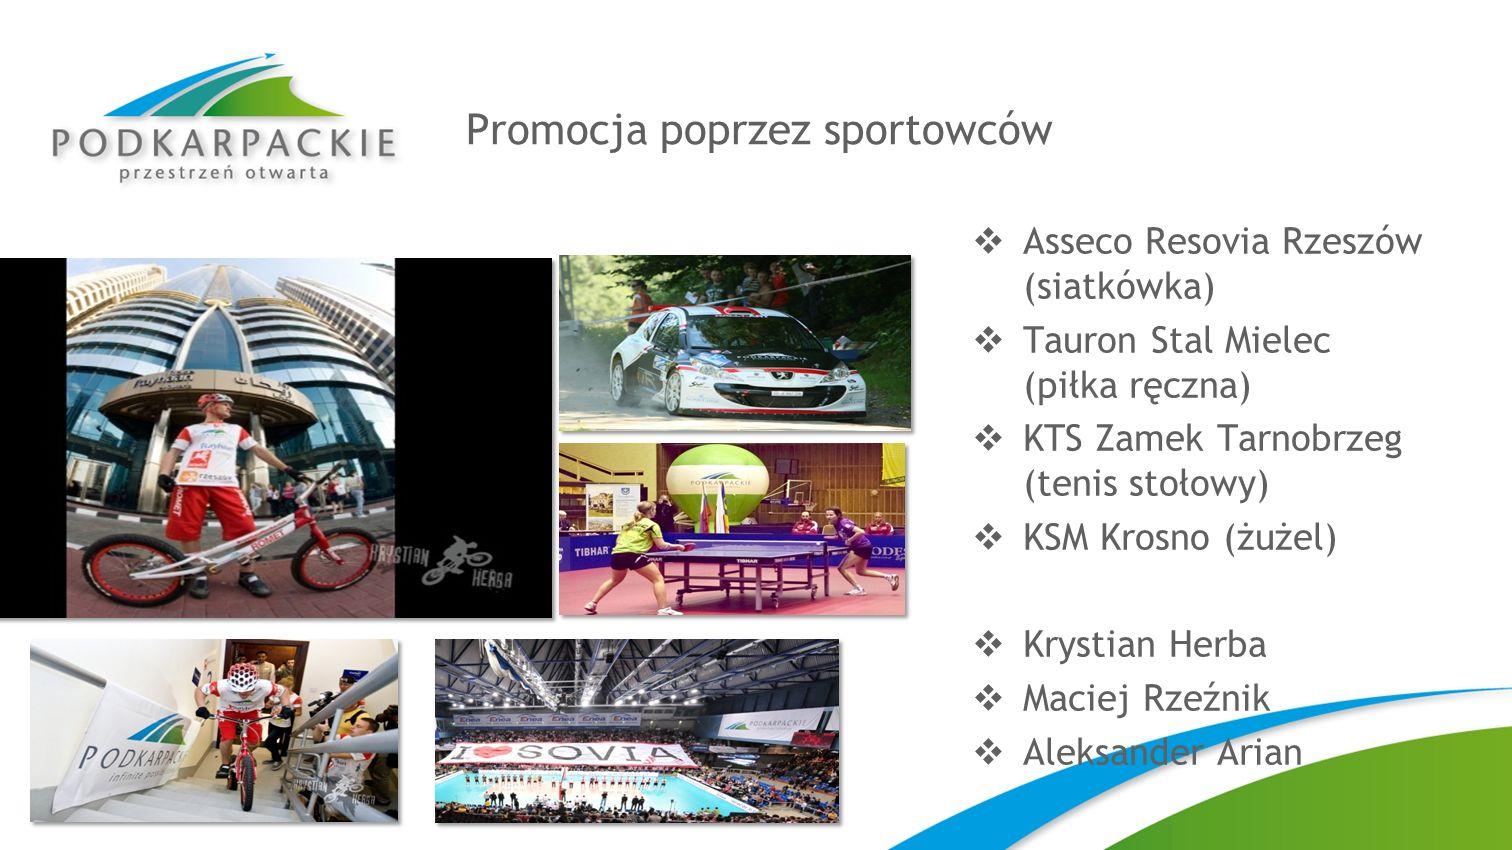 Promocja poprzez sportowców Asseco Resovia Rzeszów (siatkówka) Tauron Stal Mielec (piłka ręczna) KTS Zamek Tarnobrzeg (tenis stołowy) KSM Krosno (żuże